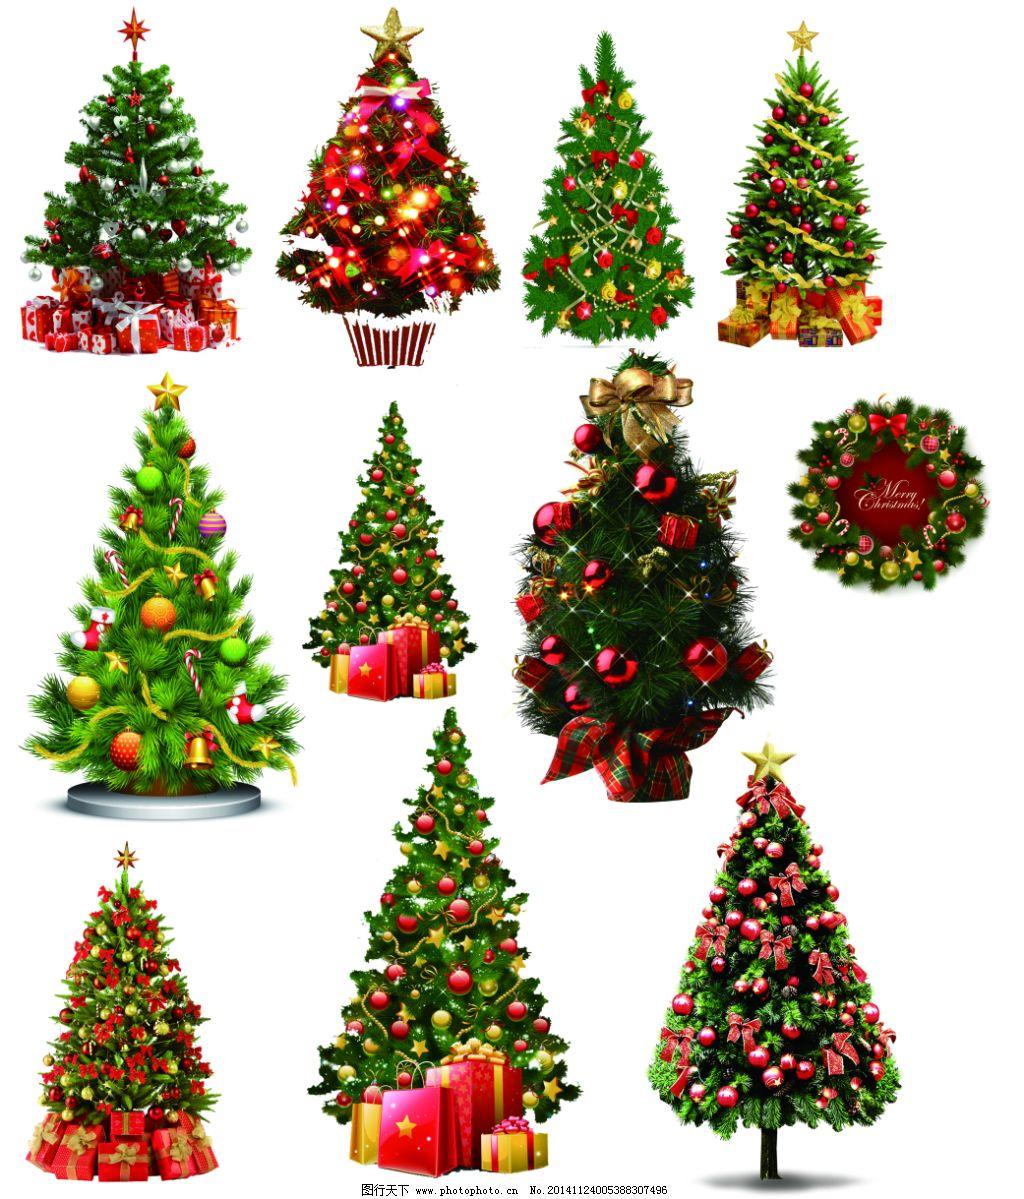 圣诞树 圣诞树免费下载 礼物 圣诞节 松树 圆形 矢量图 广告设计